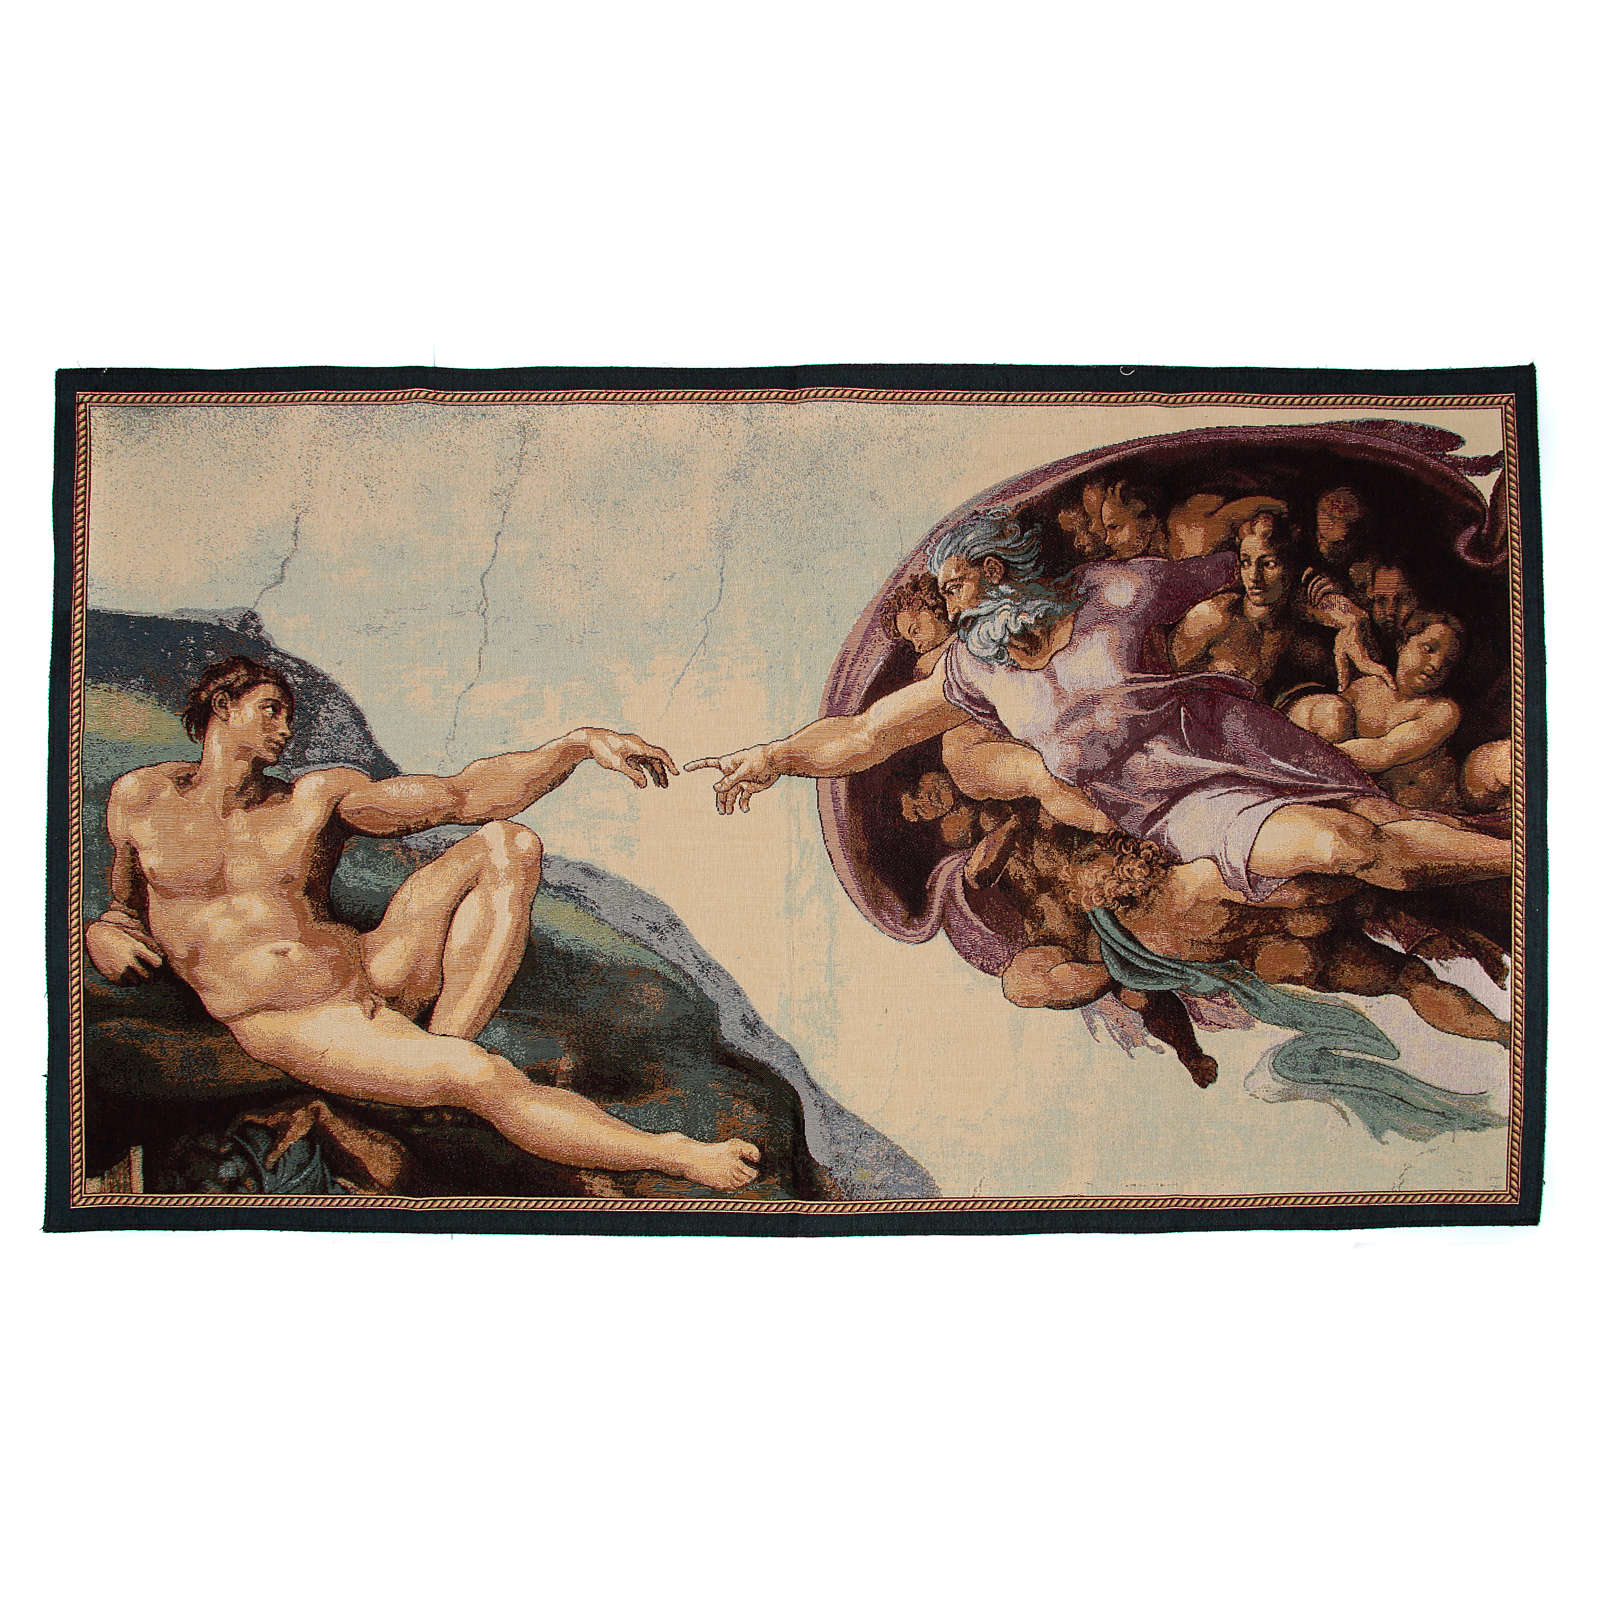 Tapisserie Création fresque de Michel-Ange 65x125 cm 3